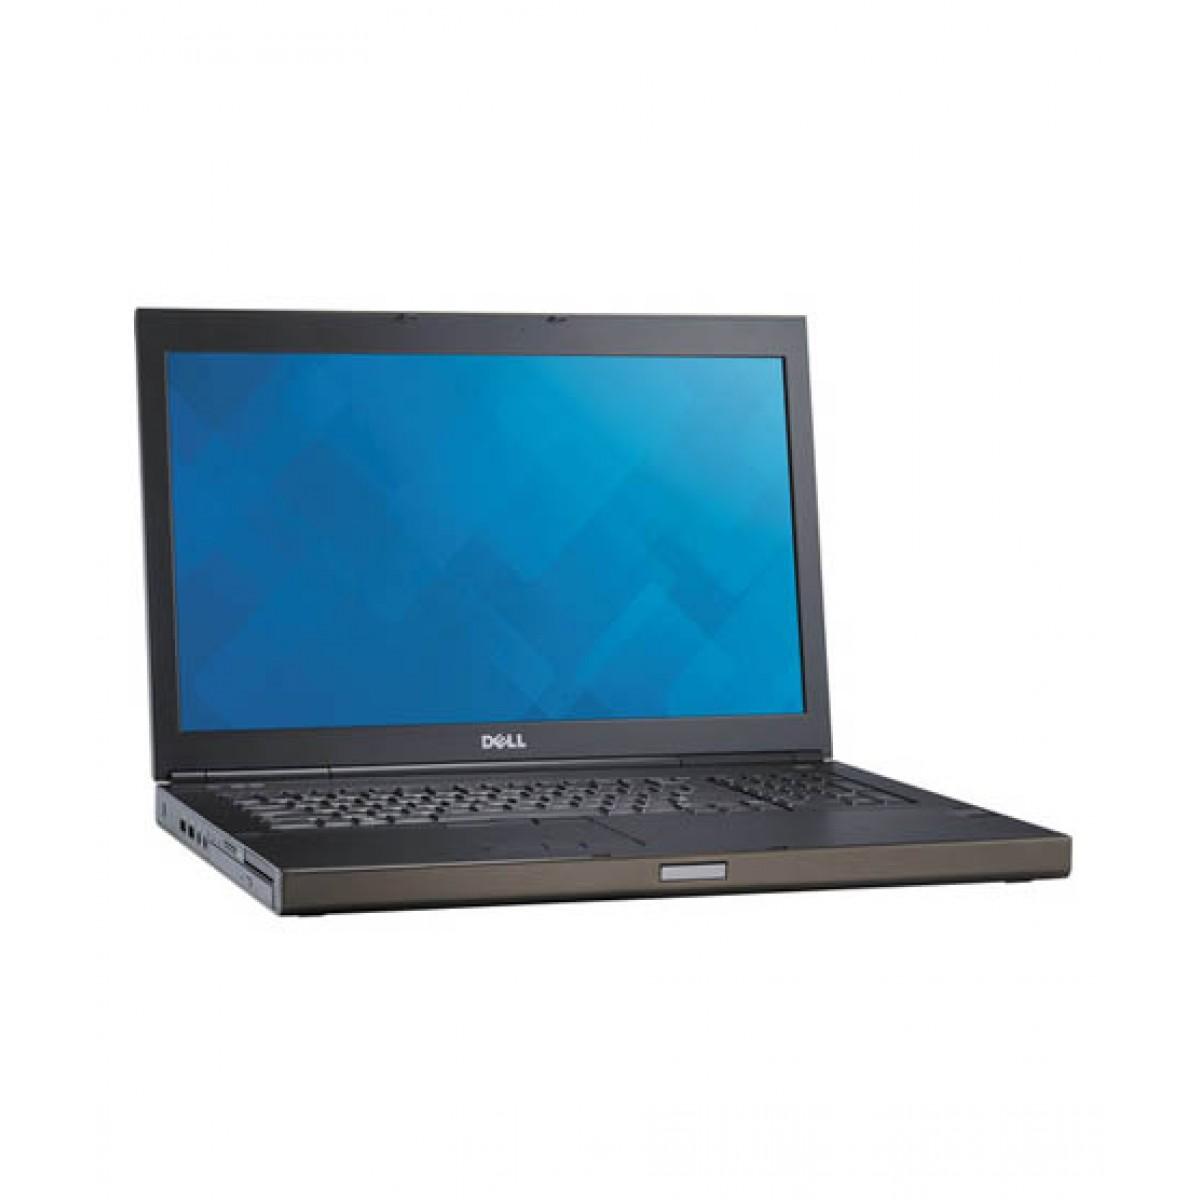 Dell Precision M6800 Core i7 32GB Mobile Workstation Laptop